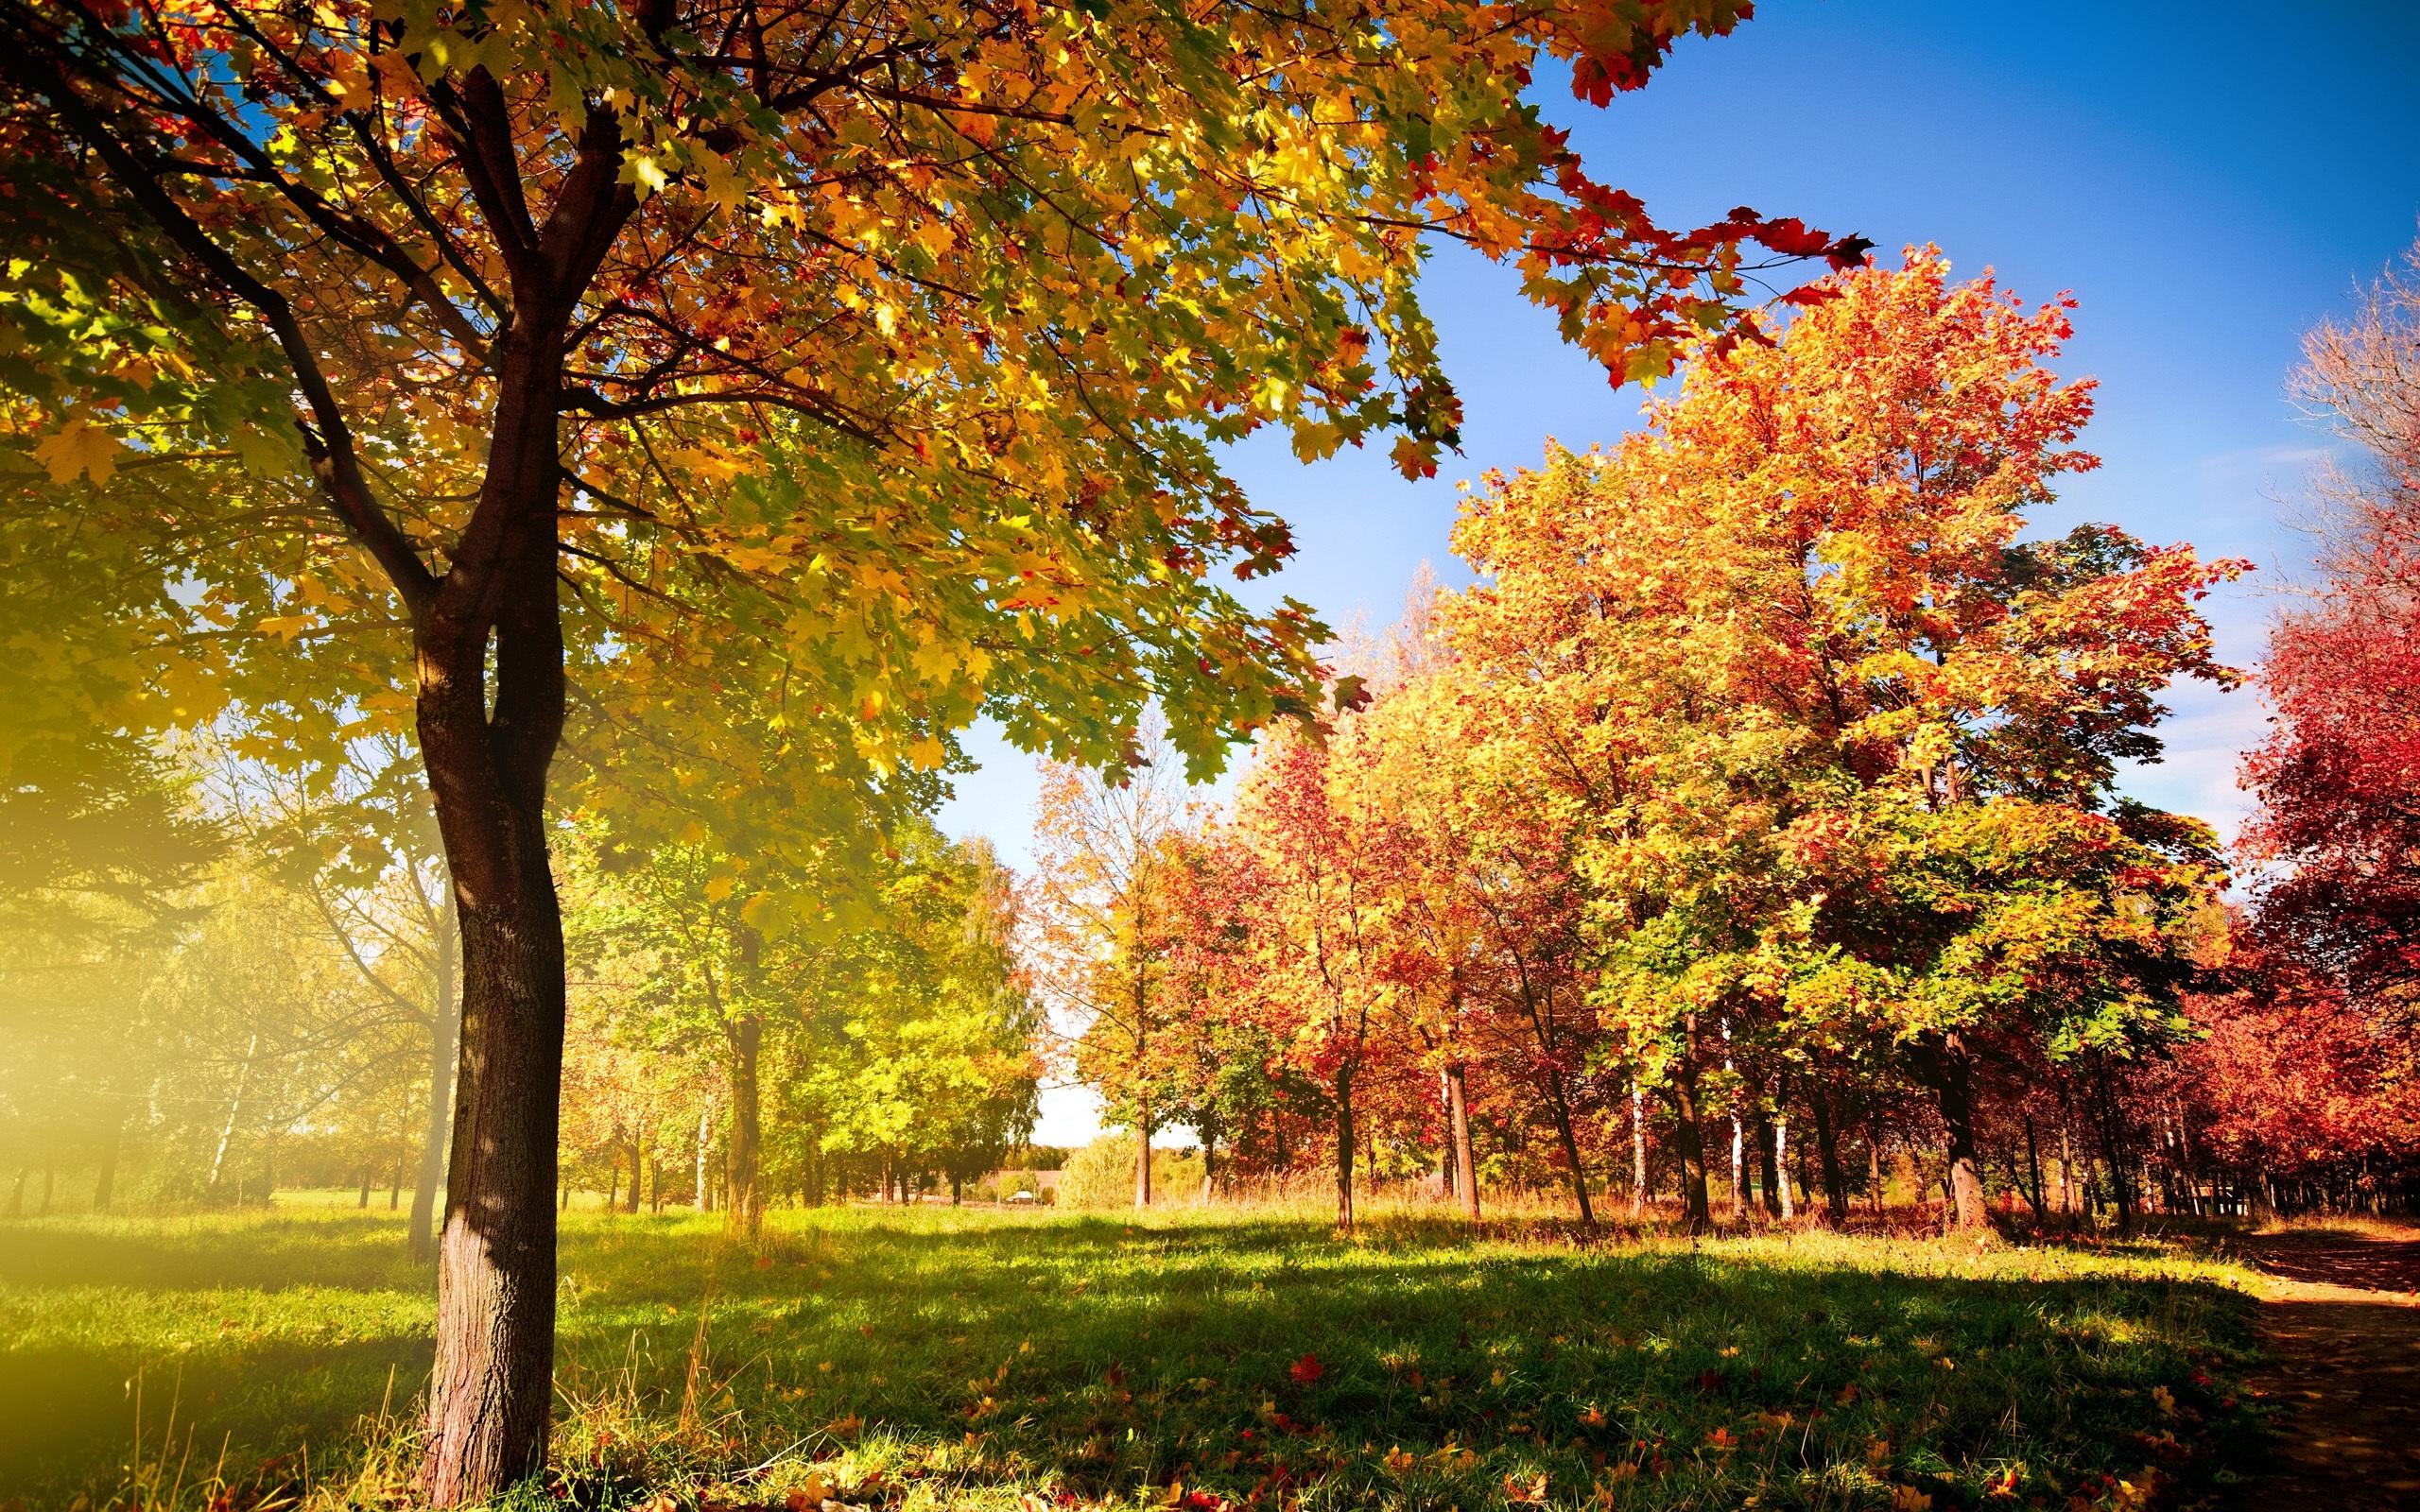 壁纸 秋天的树木和叶子 2560x1600 HD 高清壁纸, 图片, 照片